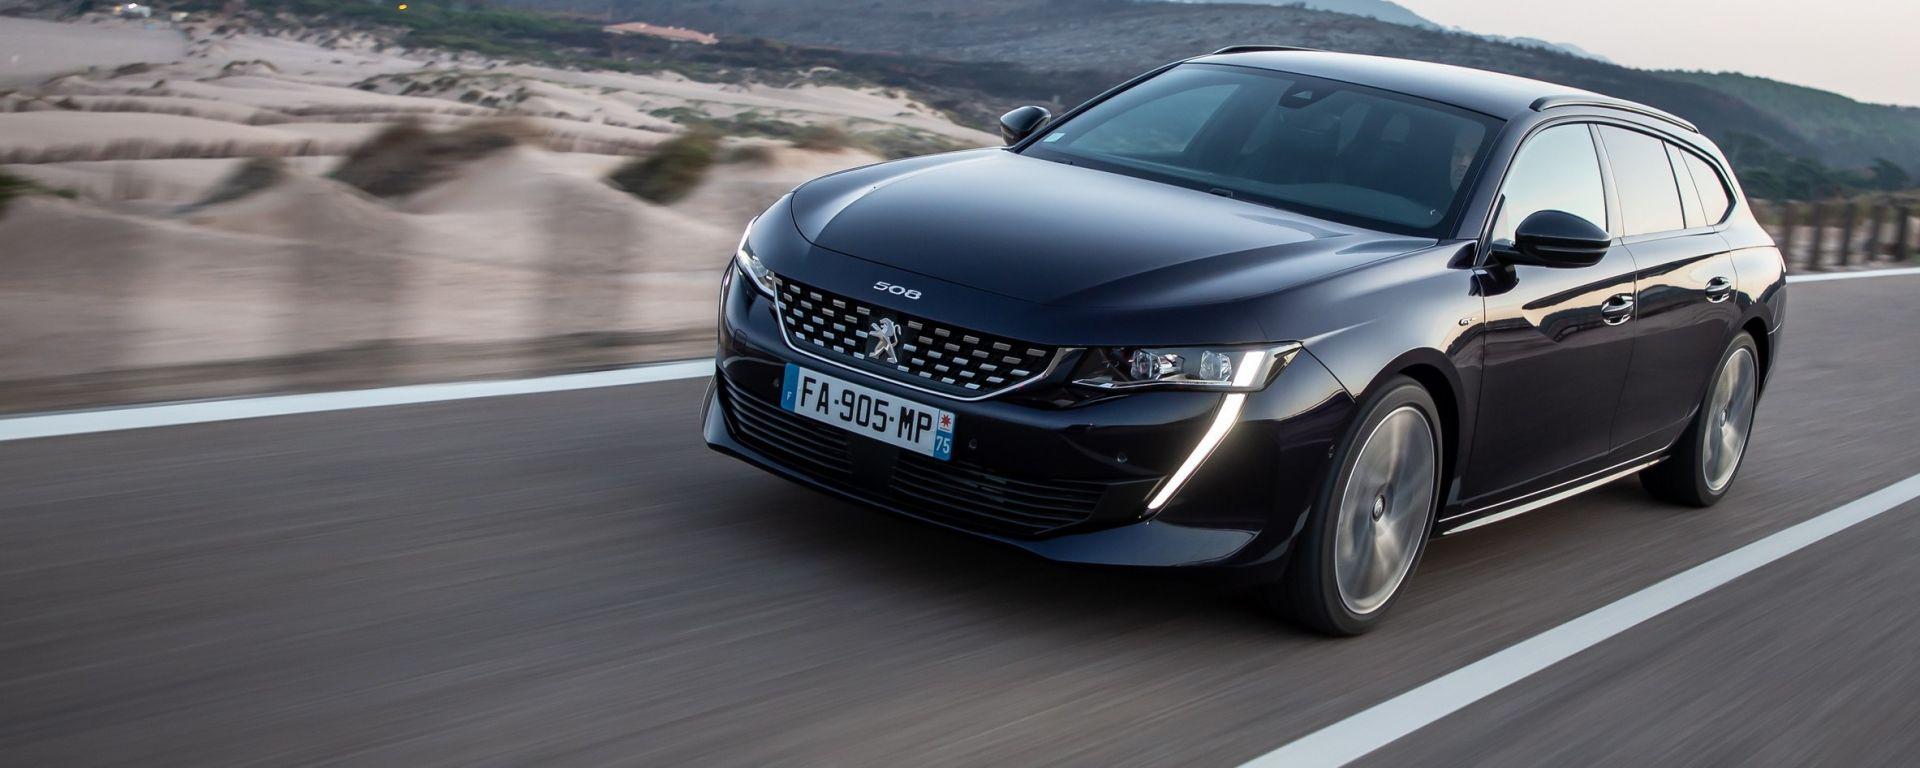 Nuova Peugeot 508 Sw 2019 Bagagliaio Uscita Prezzi Dimensioni